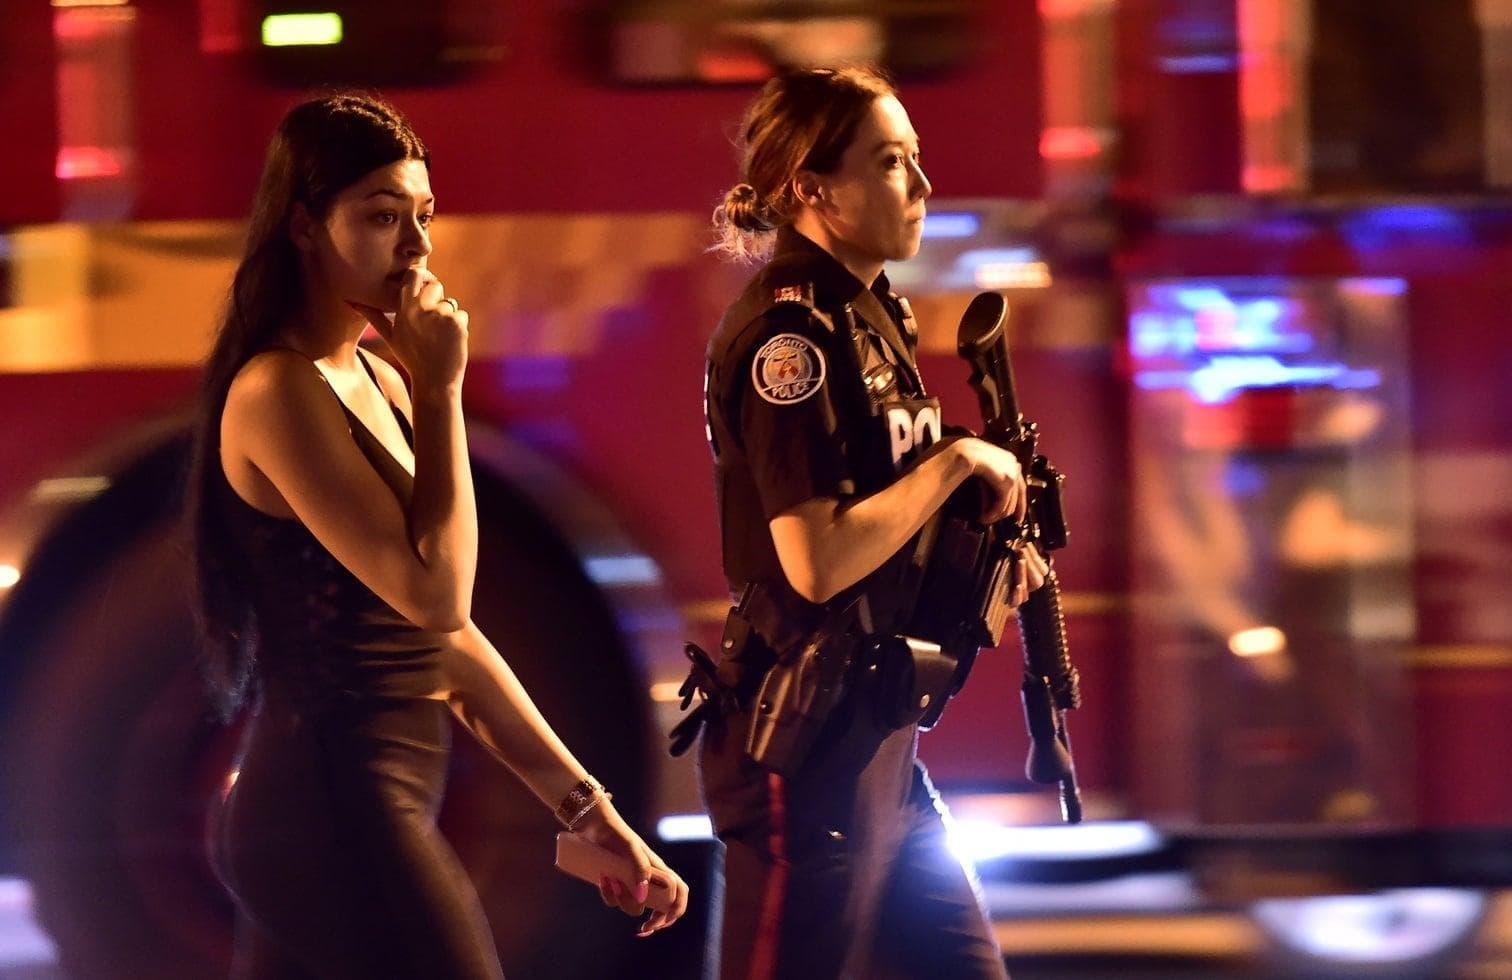 <p>Bei einer Schießerei im kanadischen Toronto sind neun Menschen verletzt worden.</p> Foto: dpa